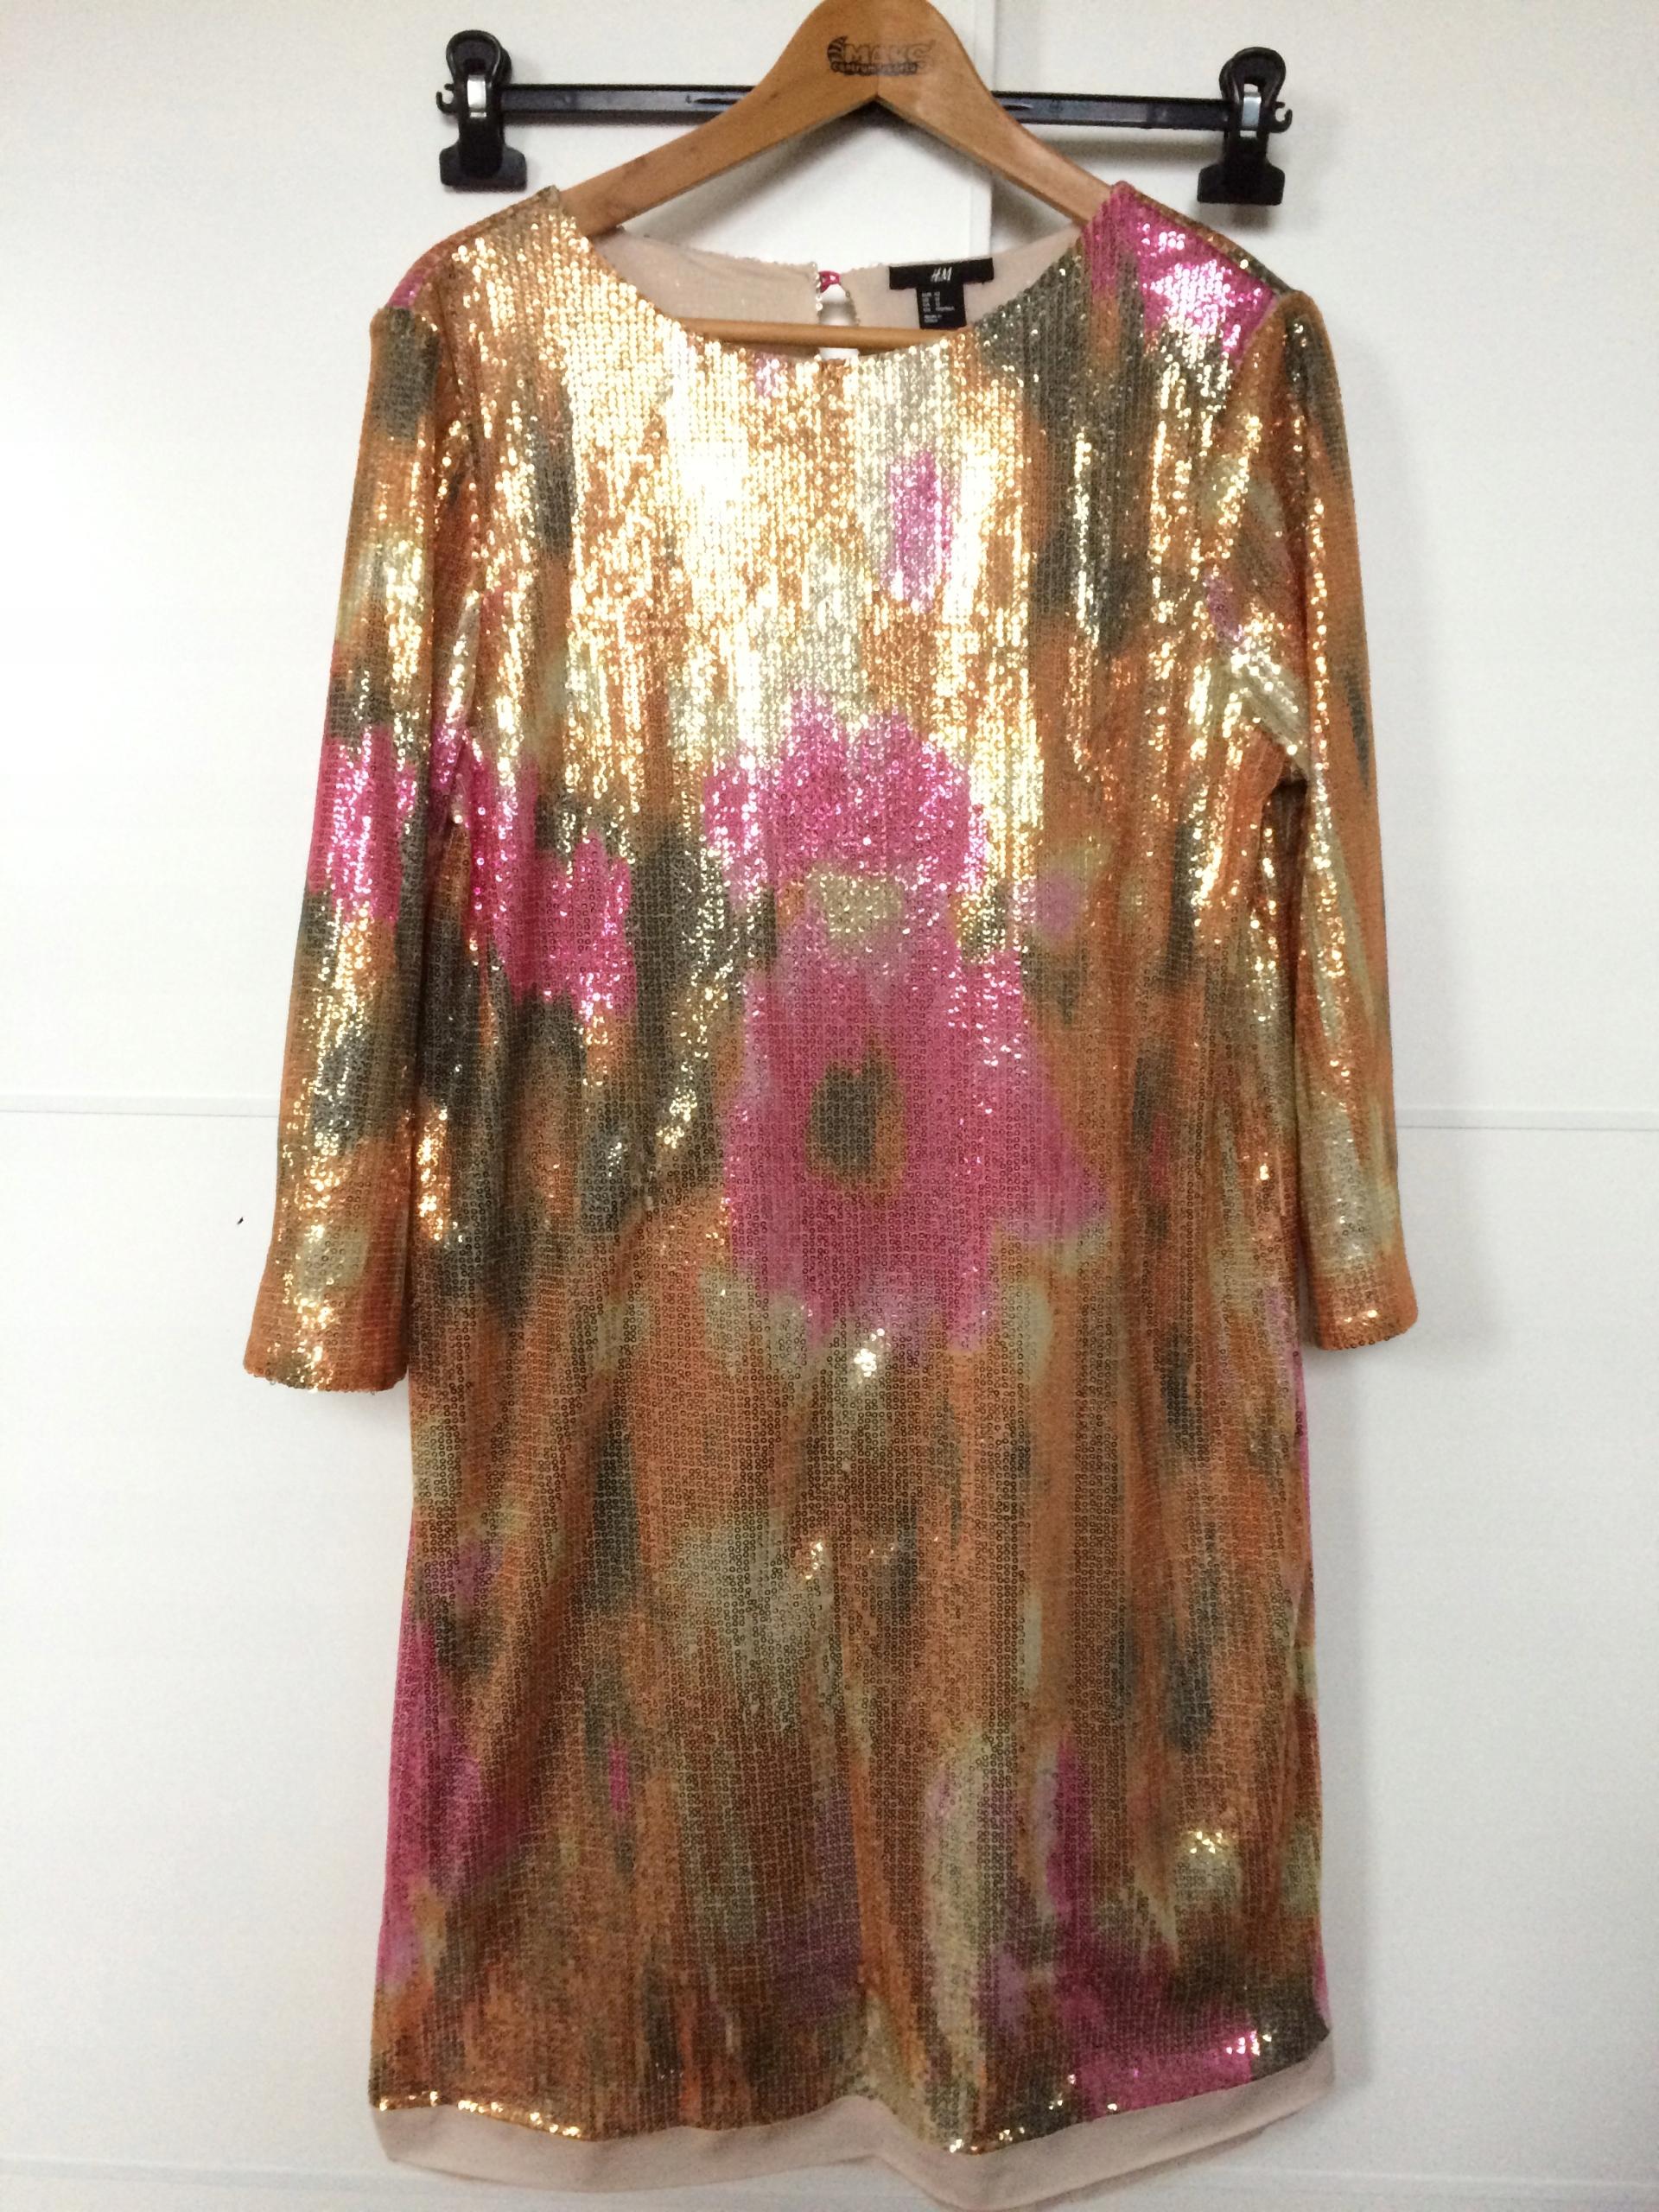 d75bd4ffd2 Sukienka cekinowa H M rozmiar 42 XL - 7696359198 - oficjalne ...